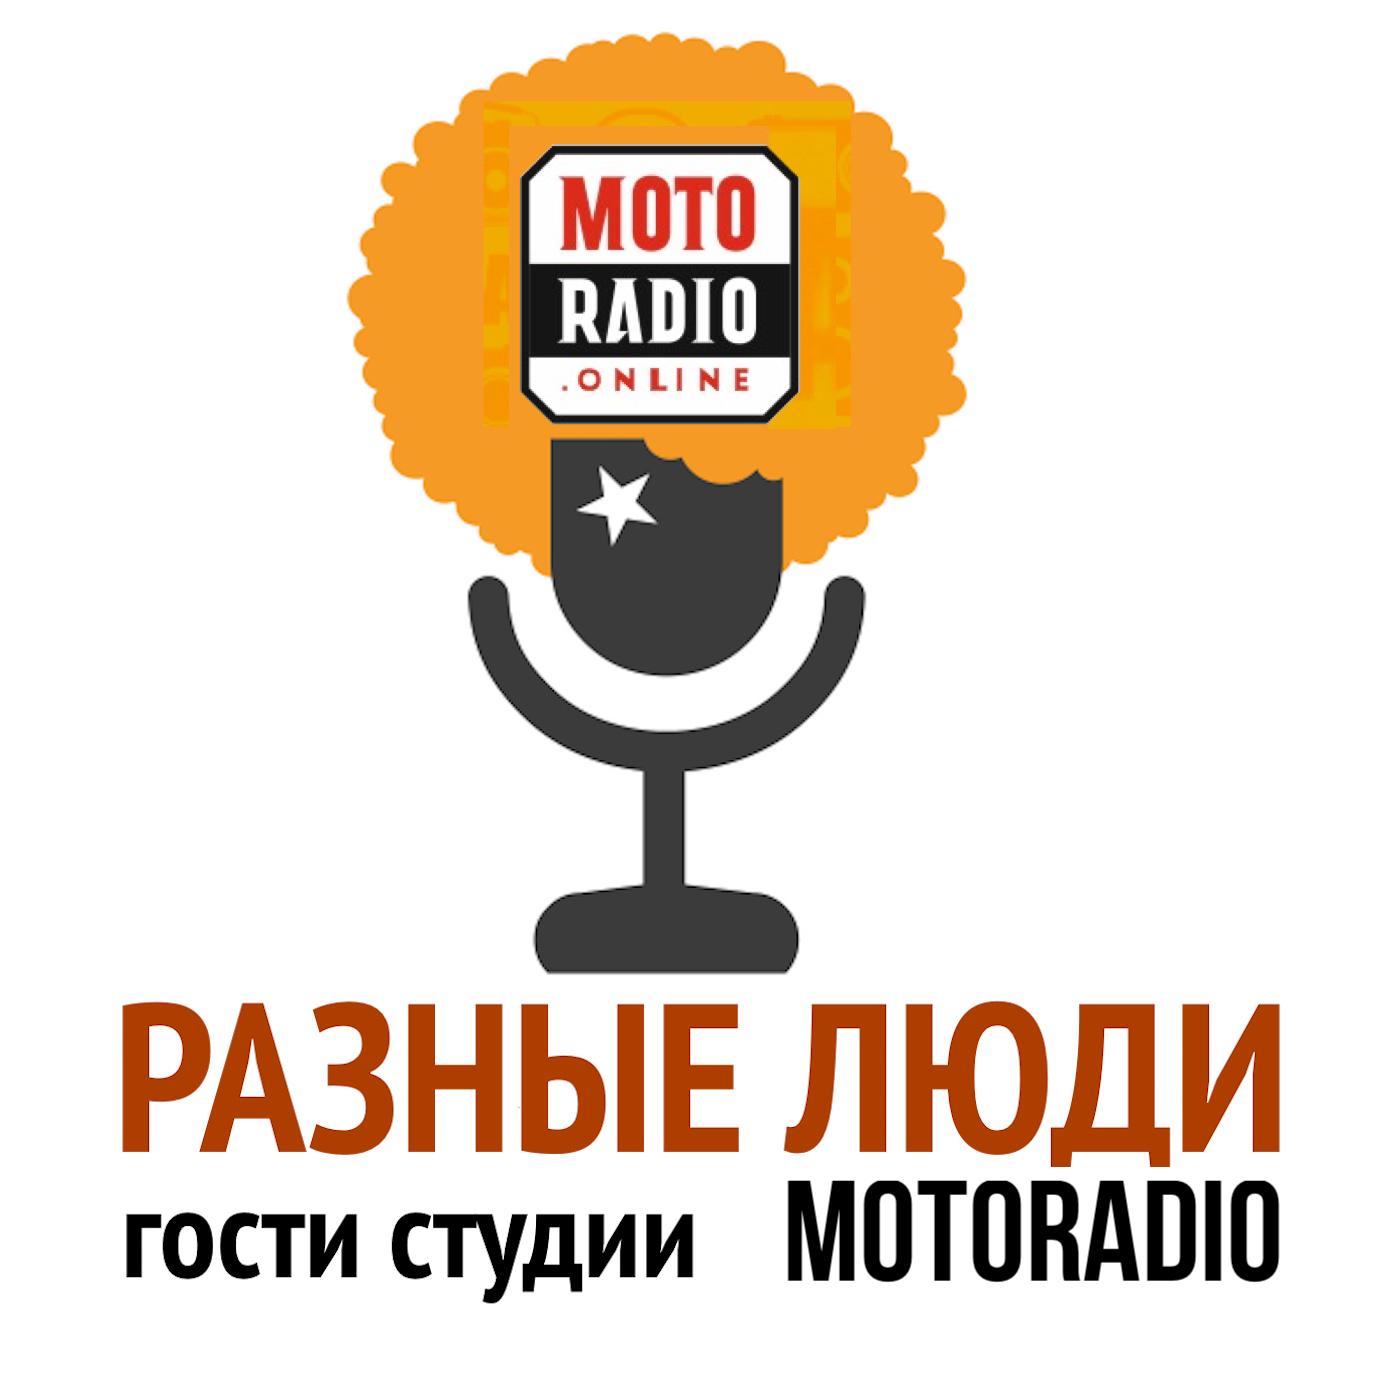 Моторадио Альберт Асадуллин — живой концерт в студии радио Фонтанка ФМ